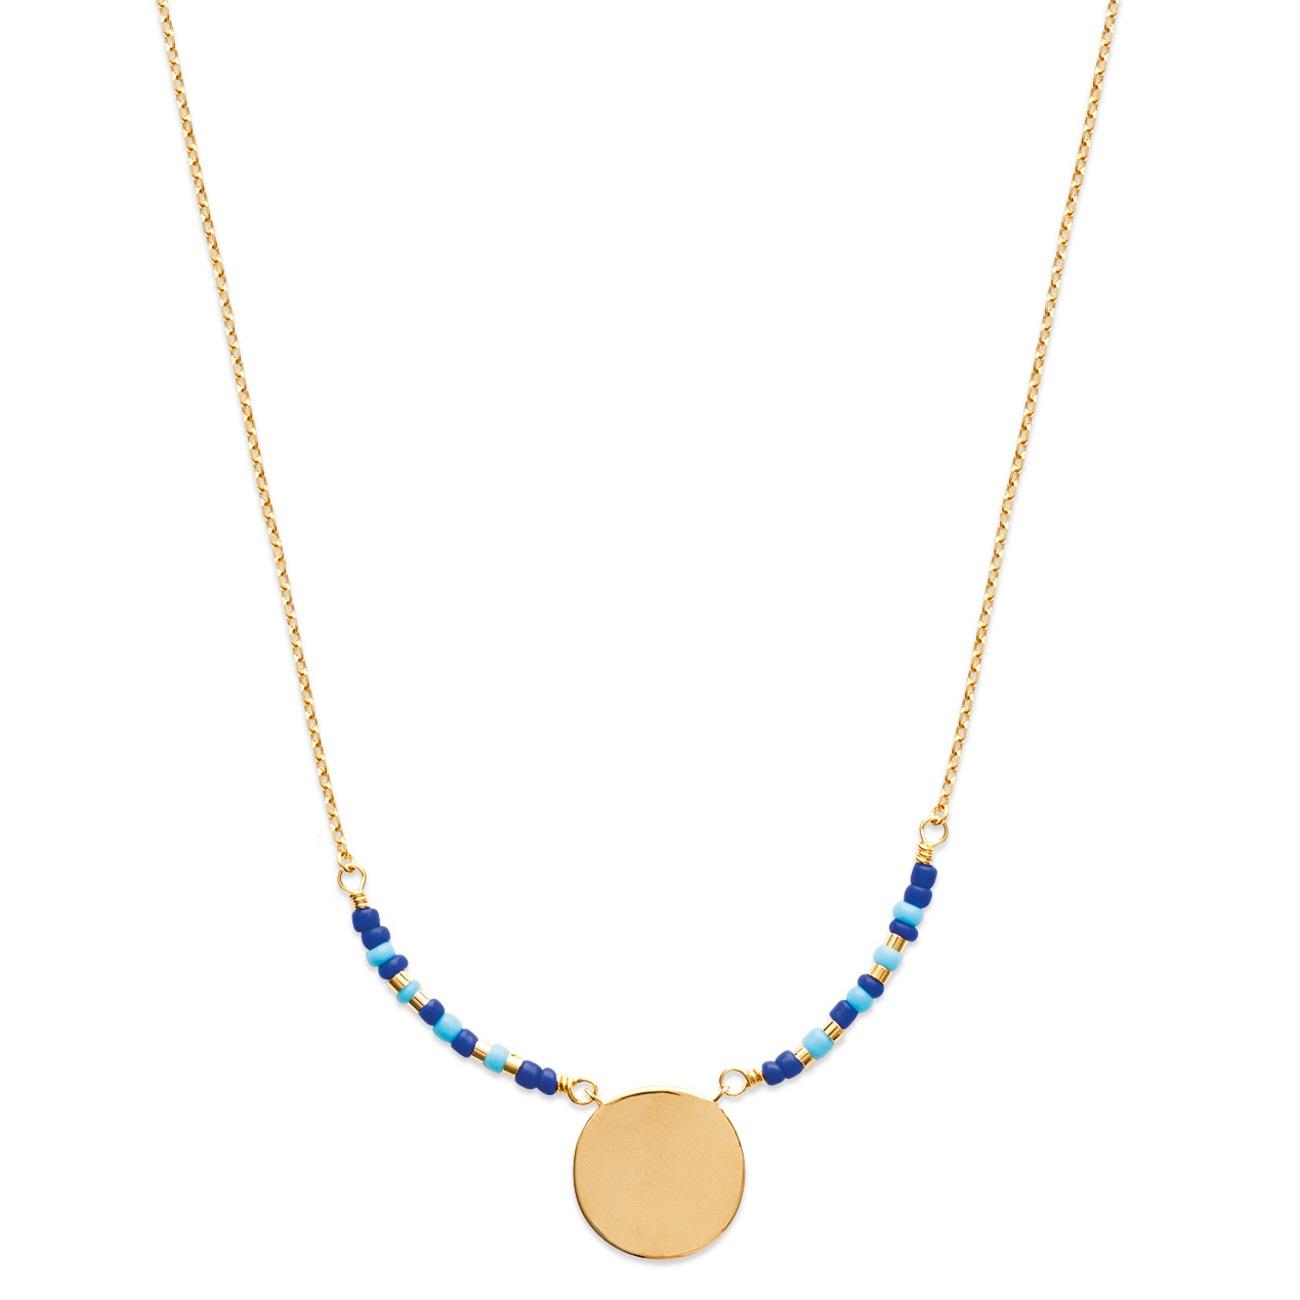 256747e70979b Collier avec pendentif rond en plaqué or et pierres synthétiques. Rond  Adolescent Adulte Femme Fille